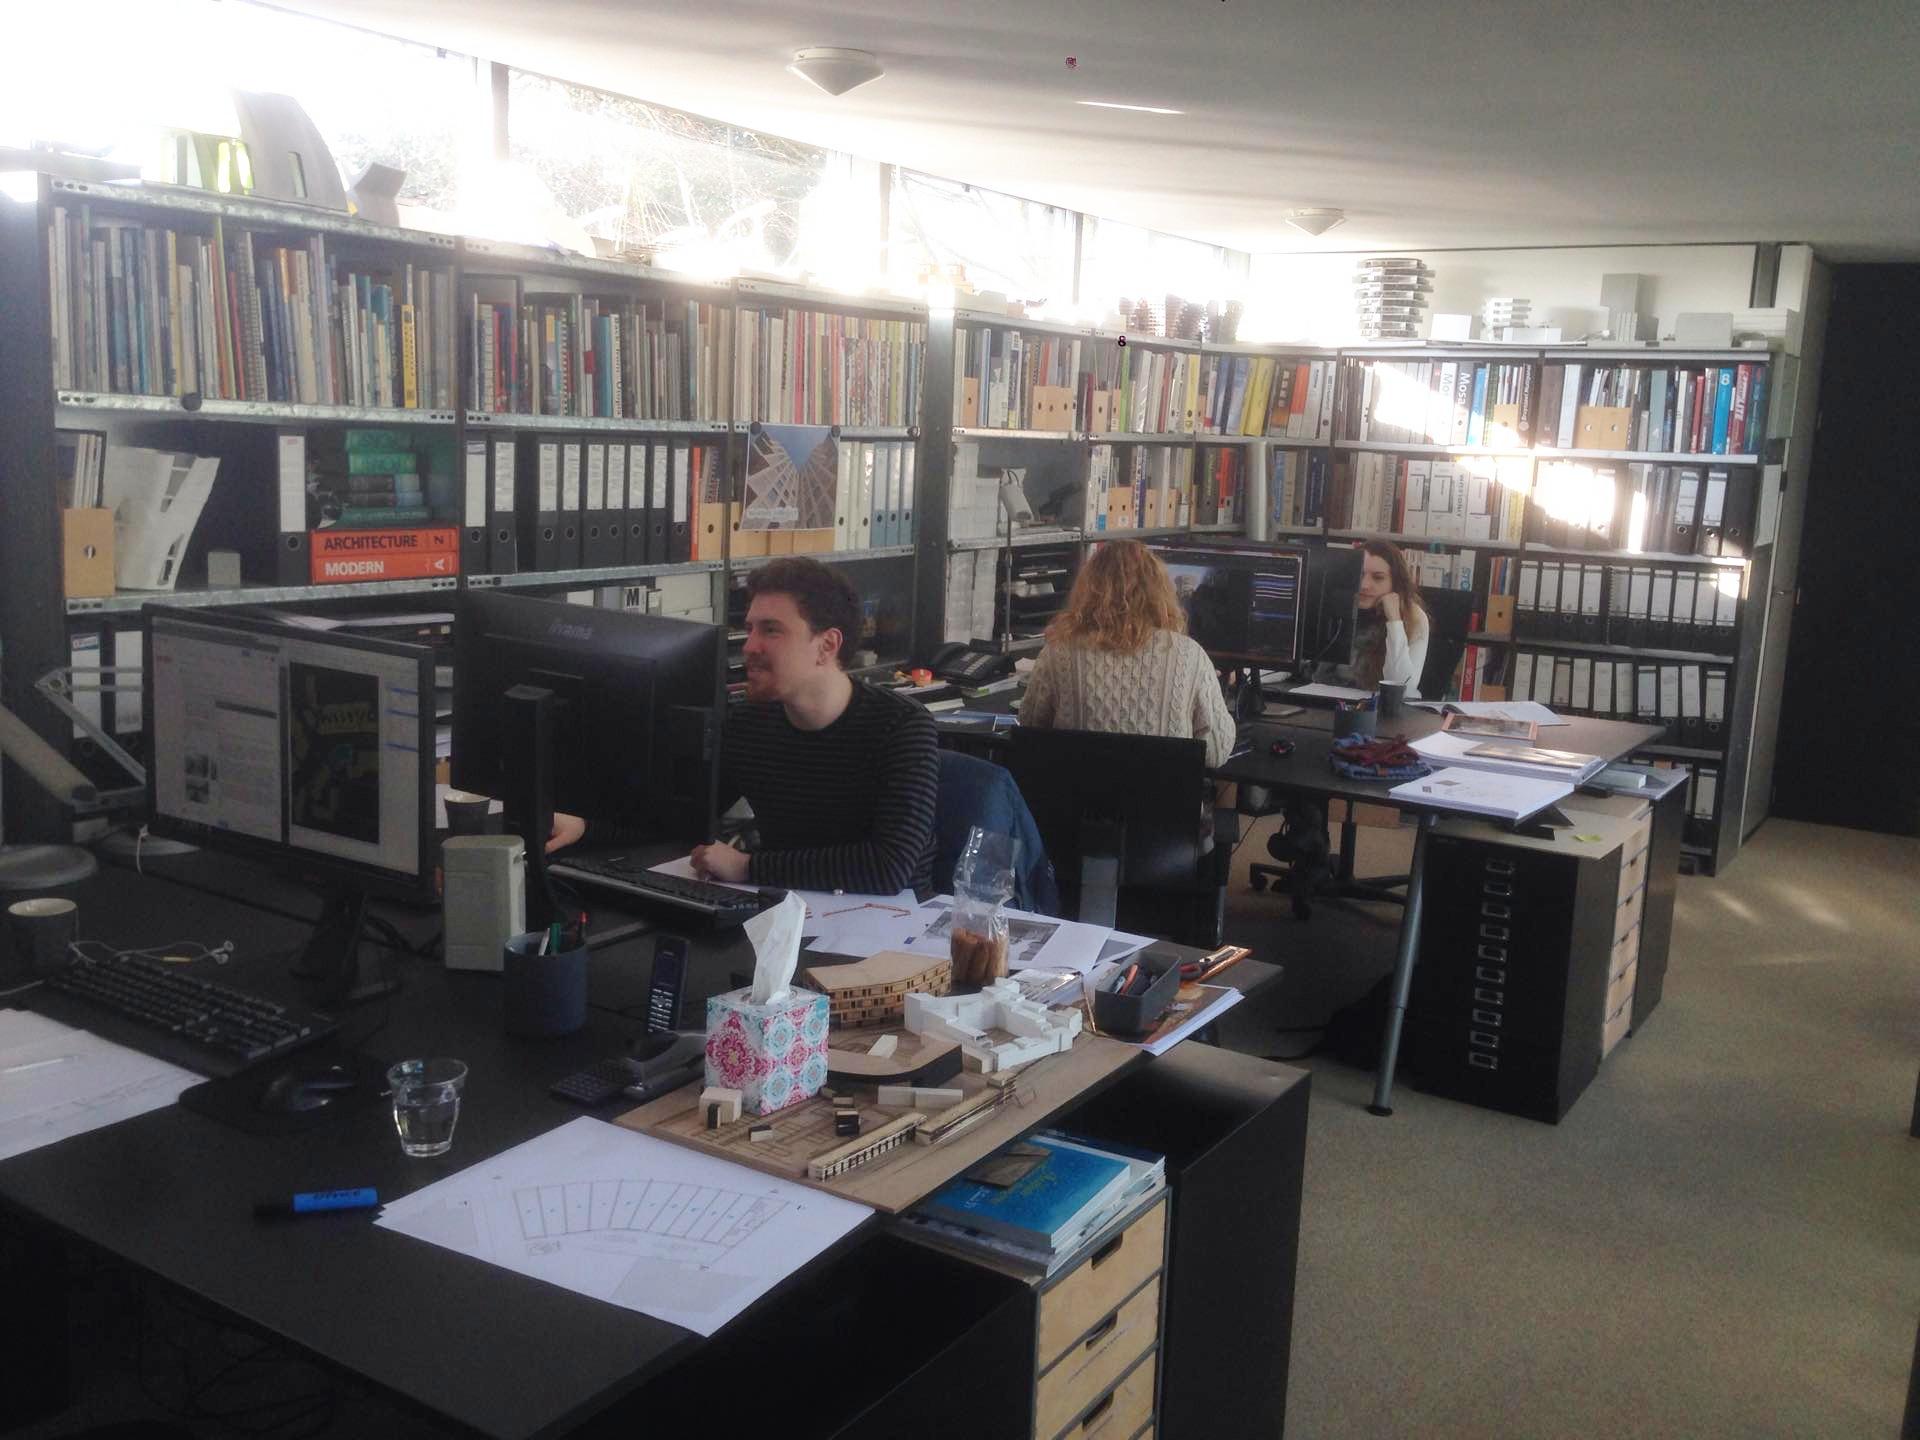 Week 13 and 14 of my EYE in Almere – Alicja Kustosz